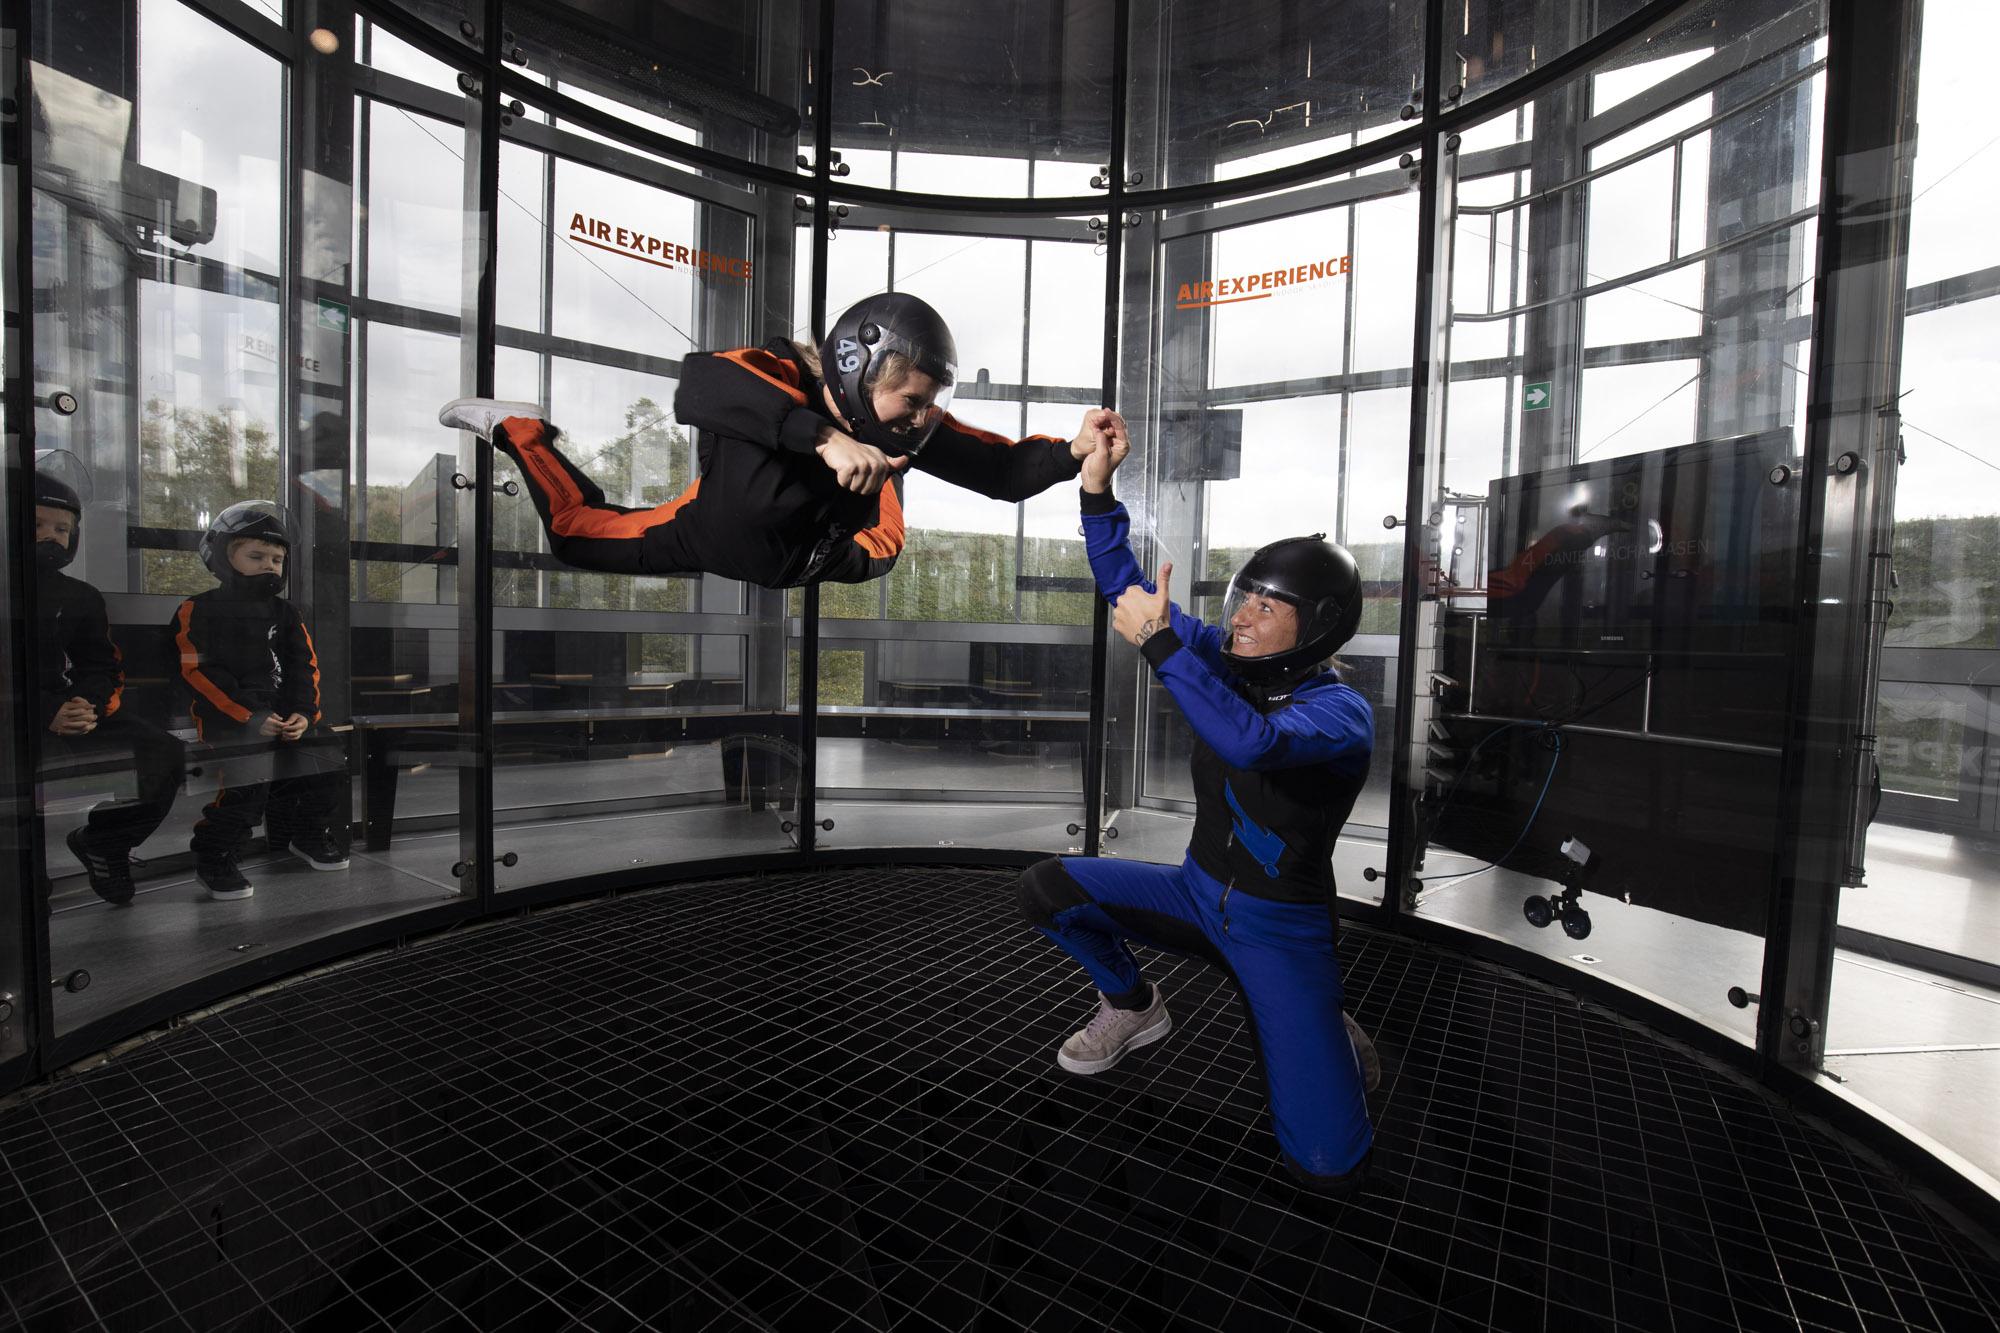 Oplevelsen Indoor Skydiving sådan foregår det